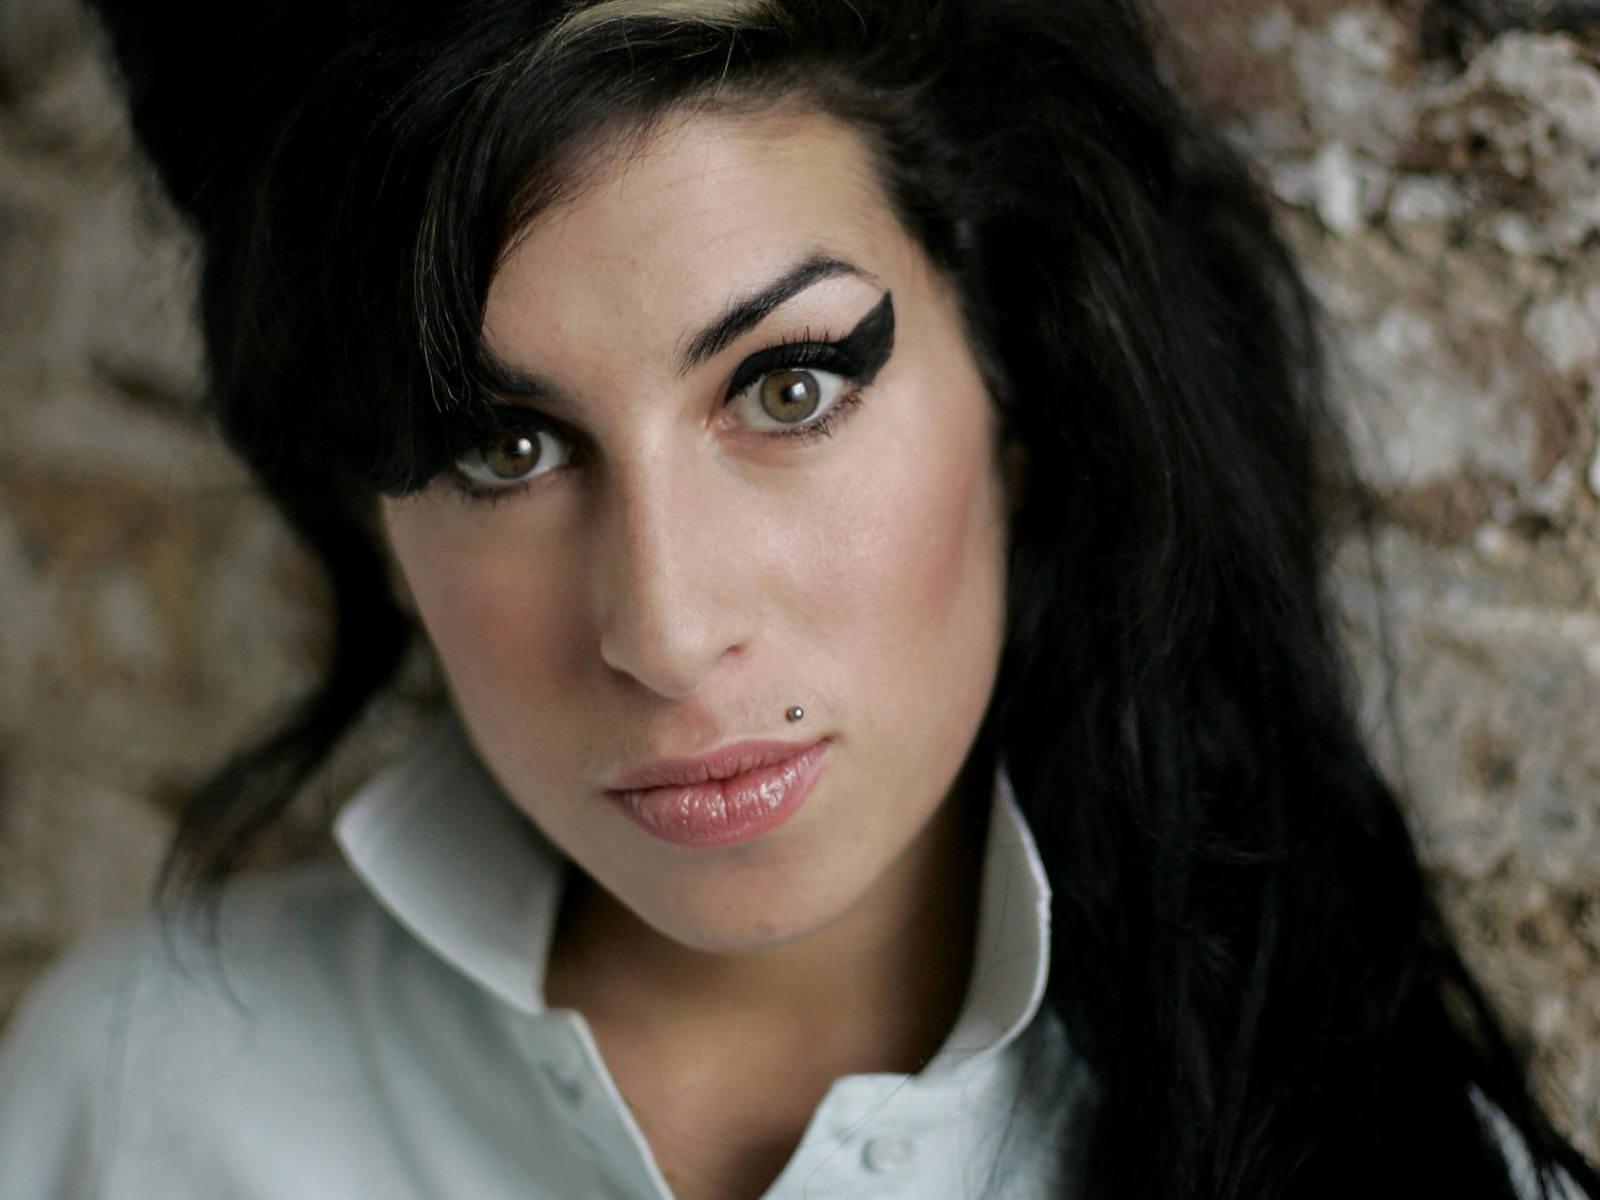 http://3.bp.blogspot.com/-daAi4b6RMjY/TjHJlhagbzI/AAAAAAAAB3s/5SrV1n2q1c4/s1600/Amy+Winehouse.jpg